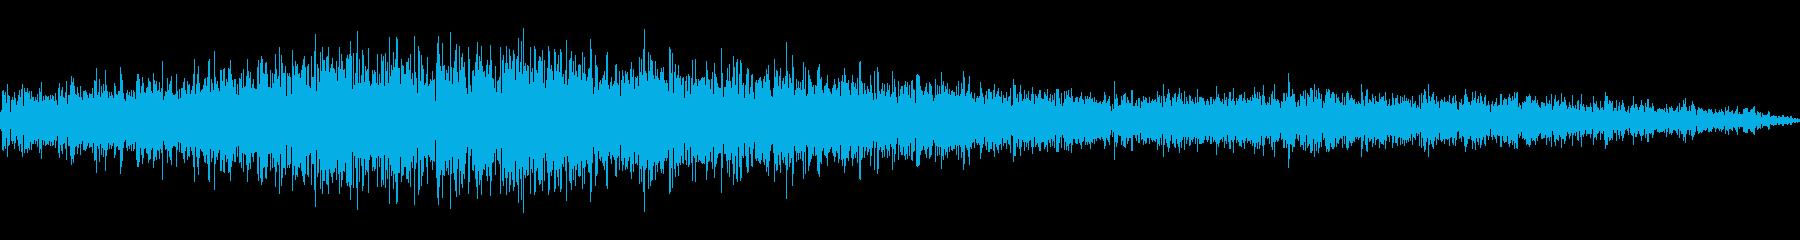 【ワーッ!】スタジアムでの歓声/チャンスの再生済みの波形